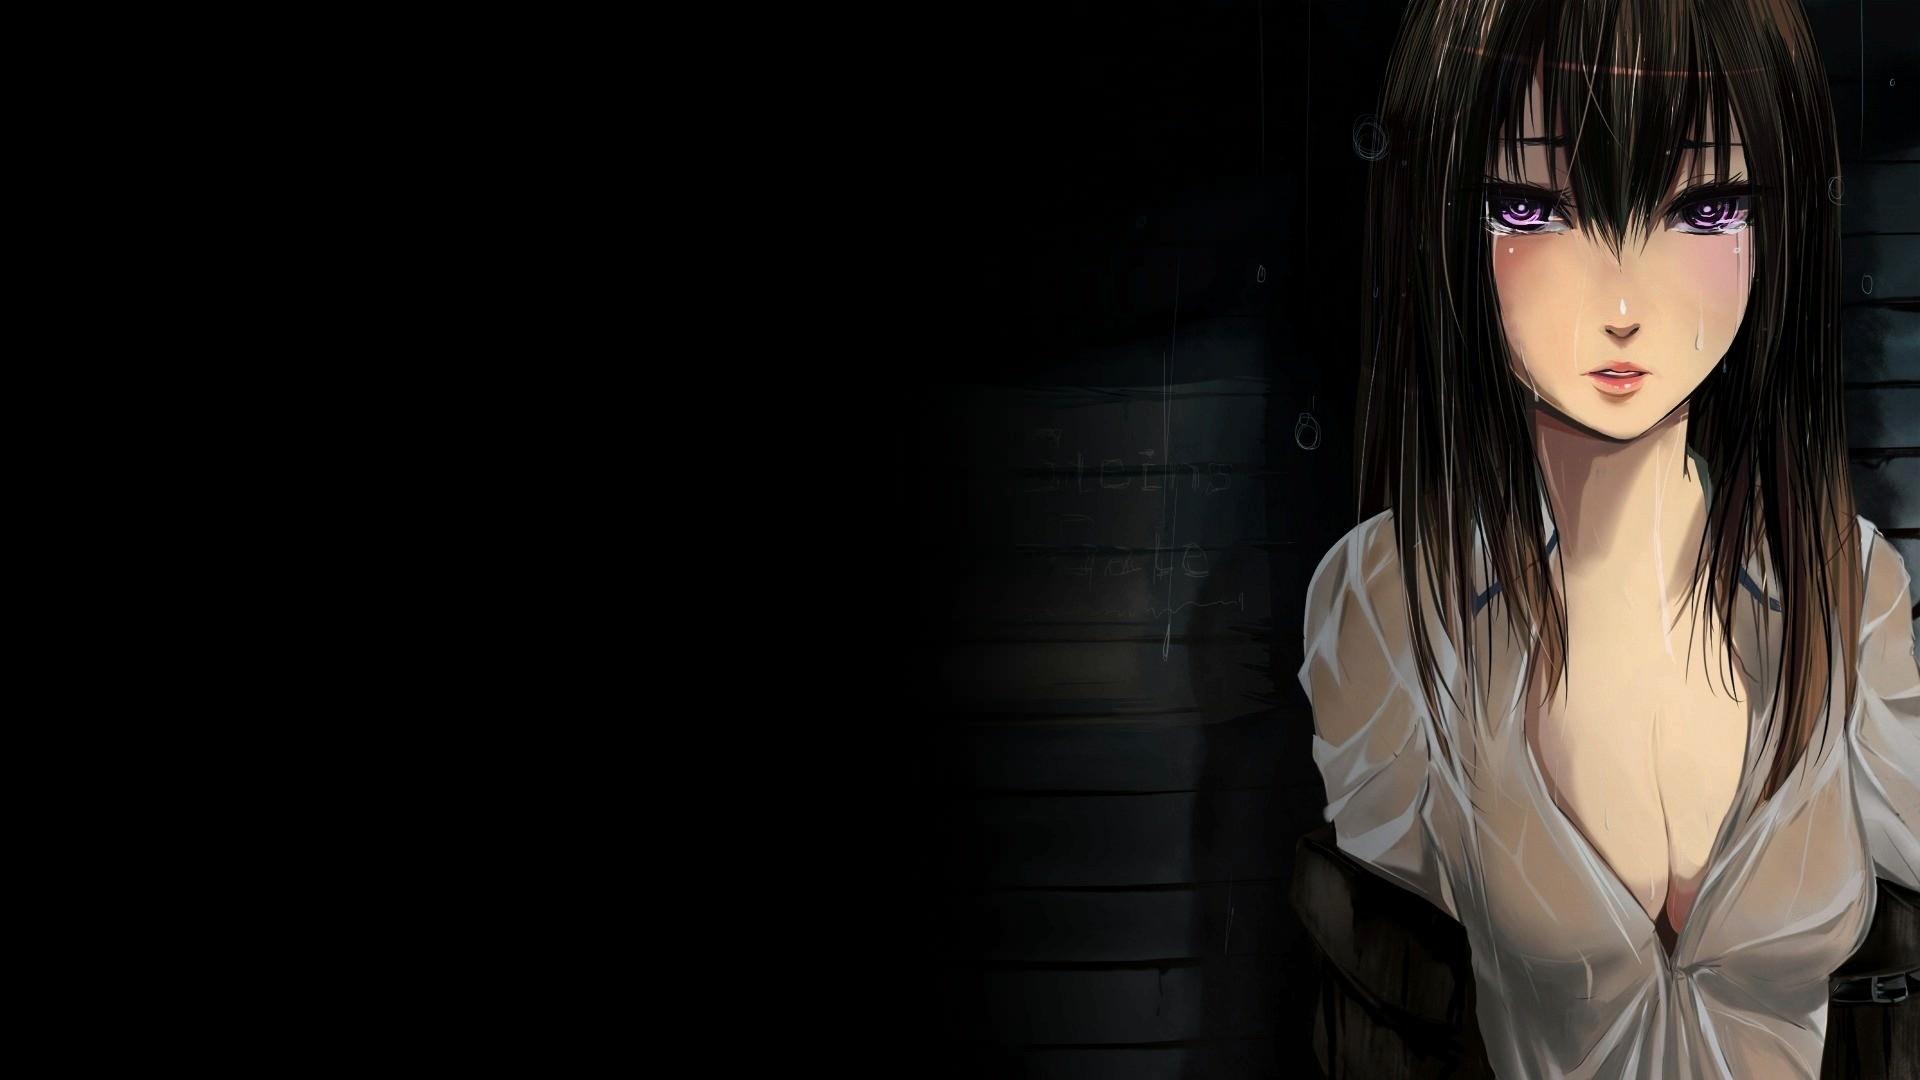 Фото Плачущая девушка в темноте, слезы, печаль, скачать картинку бесплатно